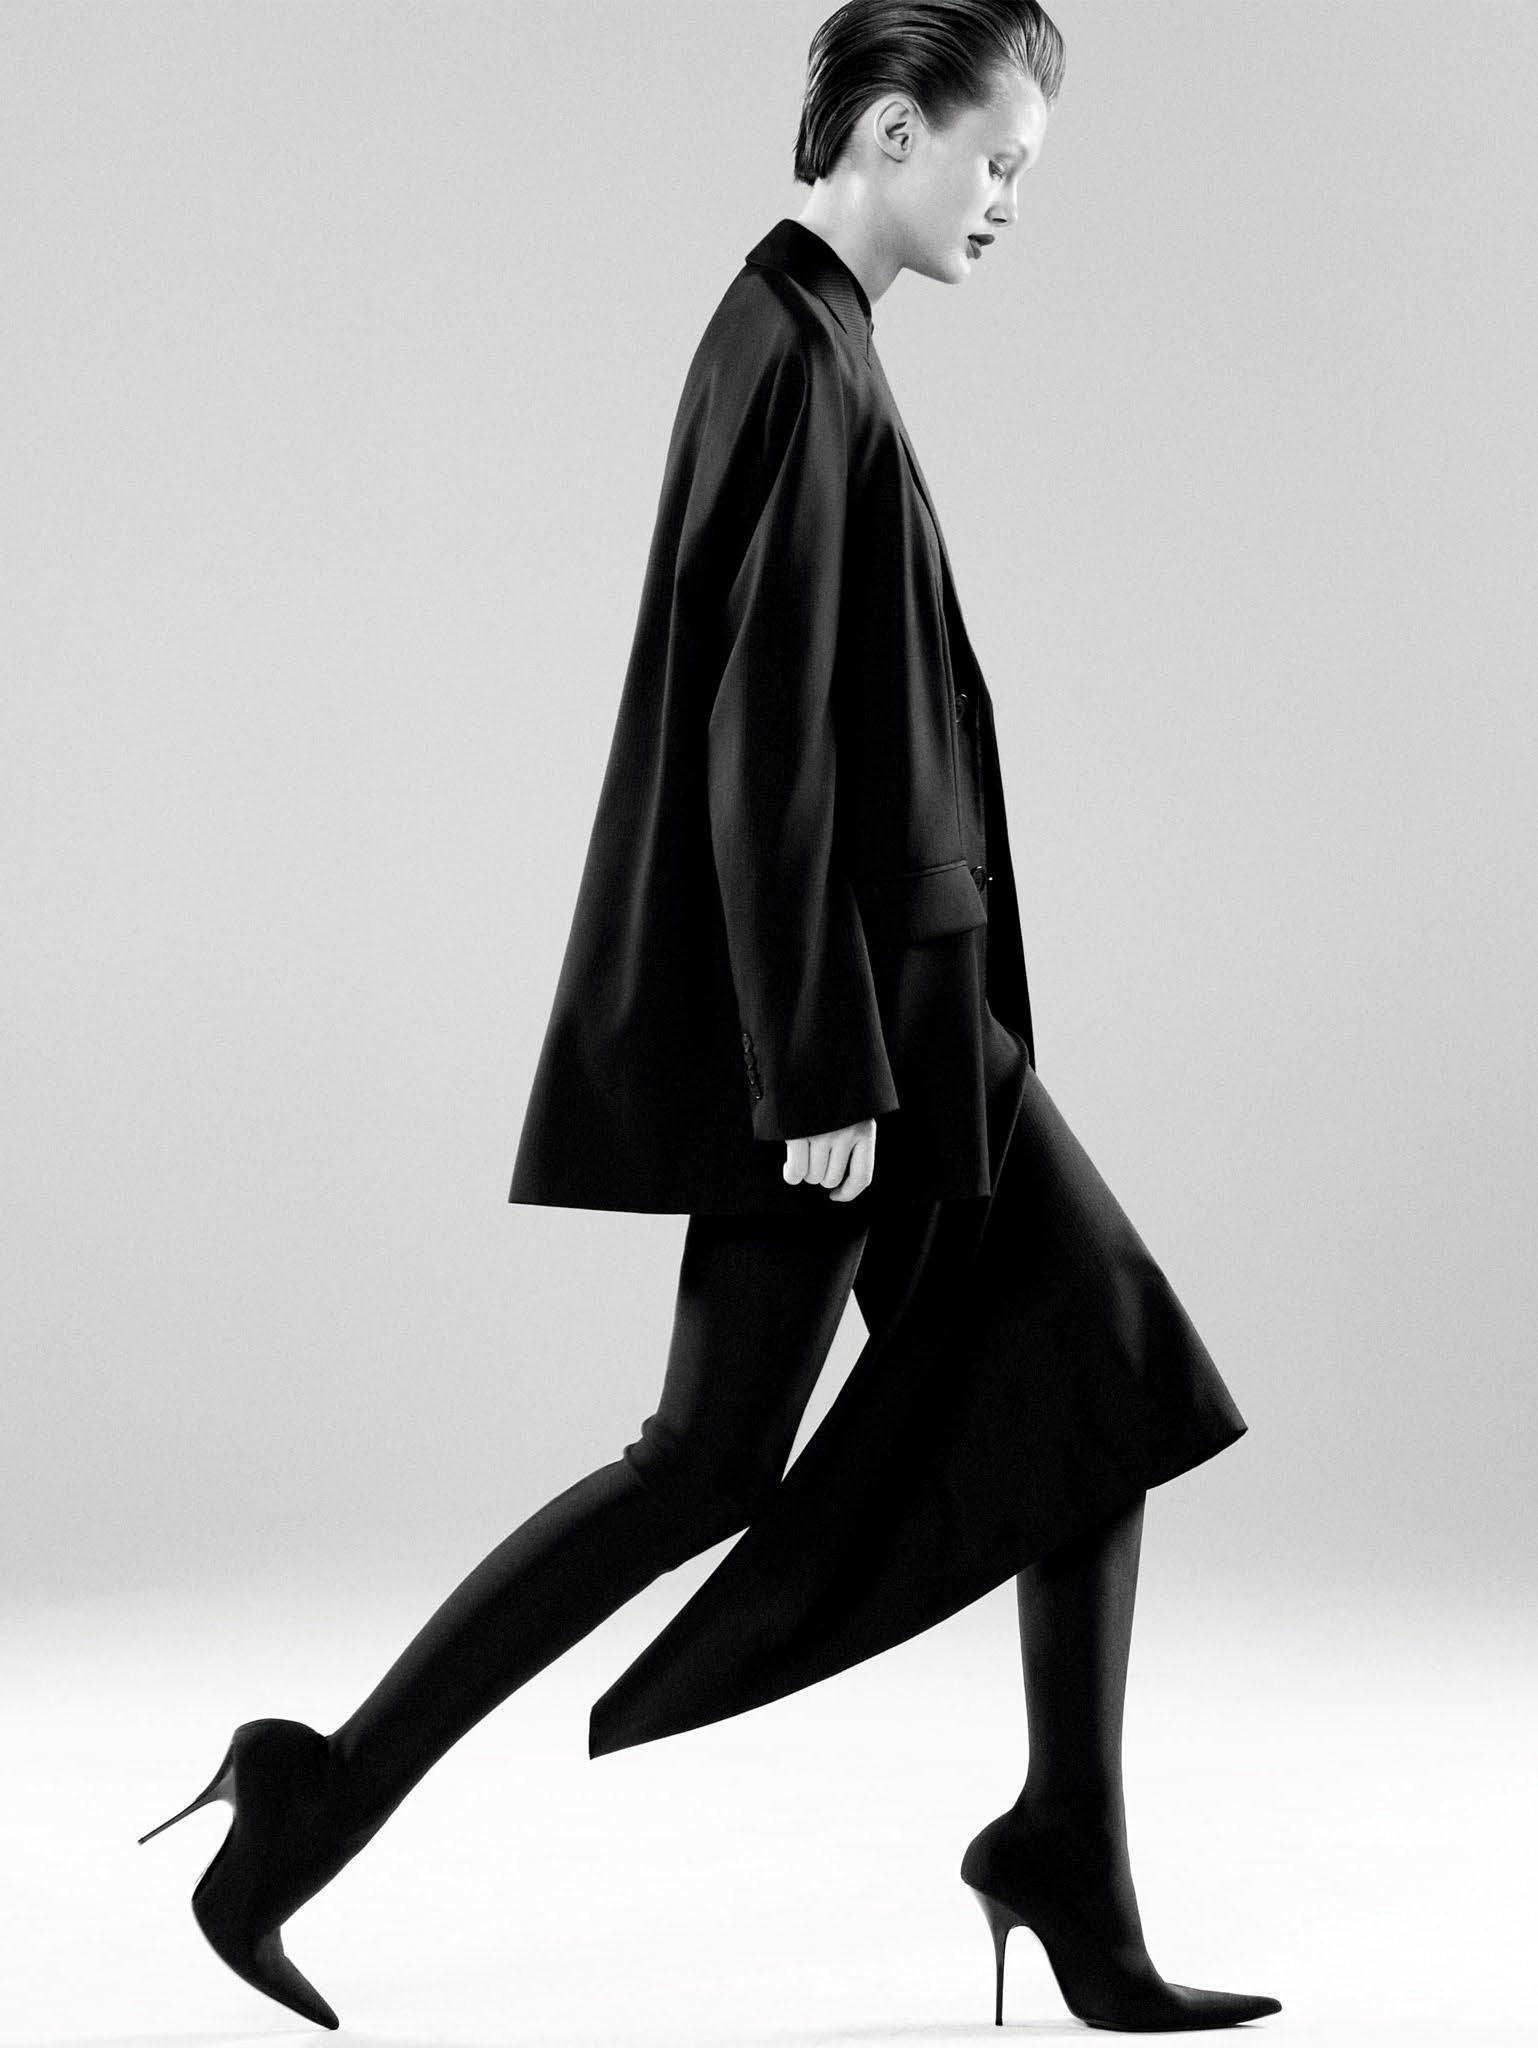 Кристина Грикайте в фотосъёмке Дэниела Джексона для китайского Vogue, май 2017 4